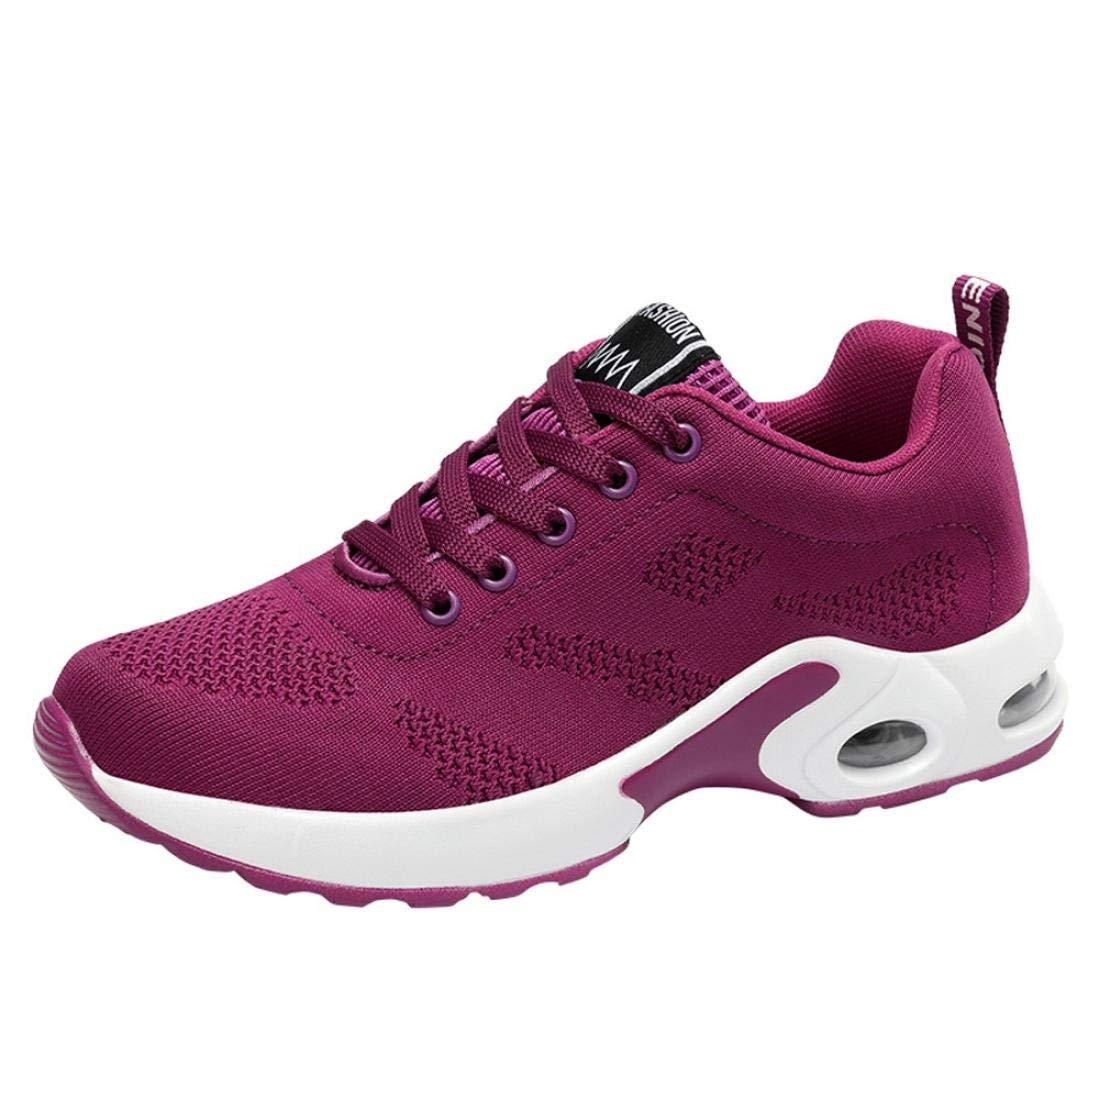 Zapatillas Deportivas Cuna Mujer Casuales, Calzado Transpirable Volando Zapatos Deportivos Tejidos Casual Zapatos de Malla de Estudiante de Zapato